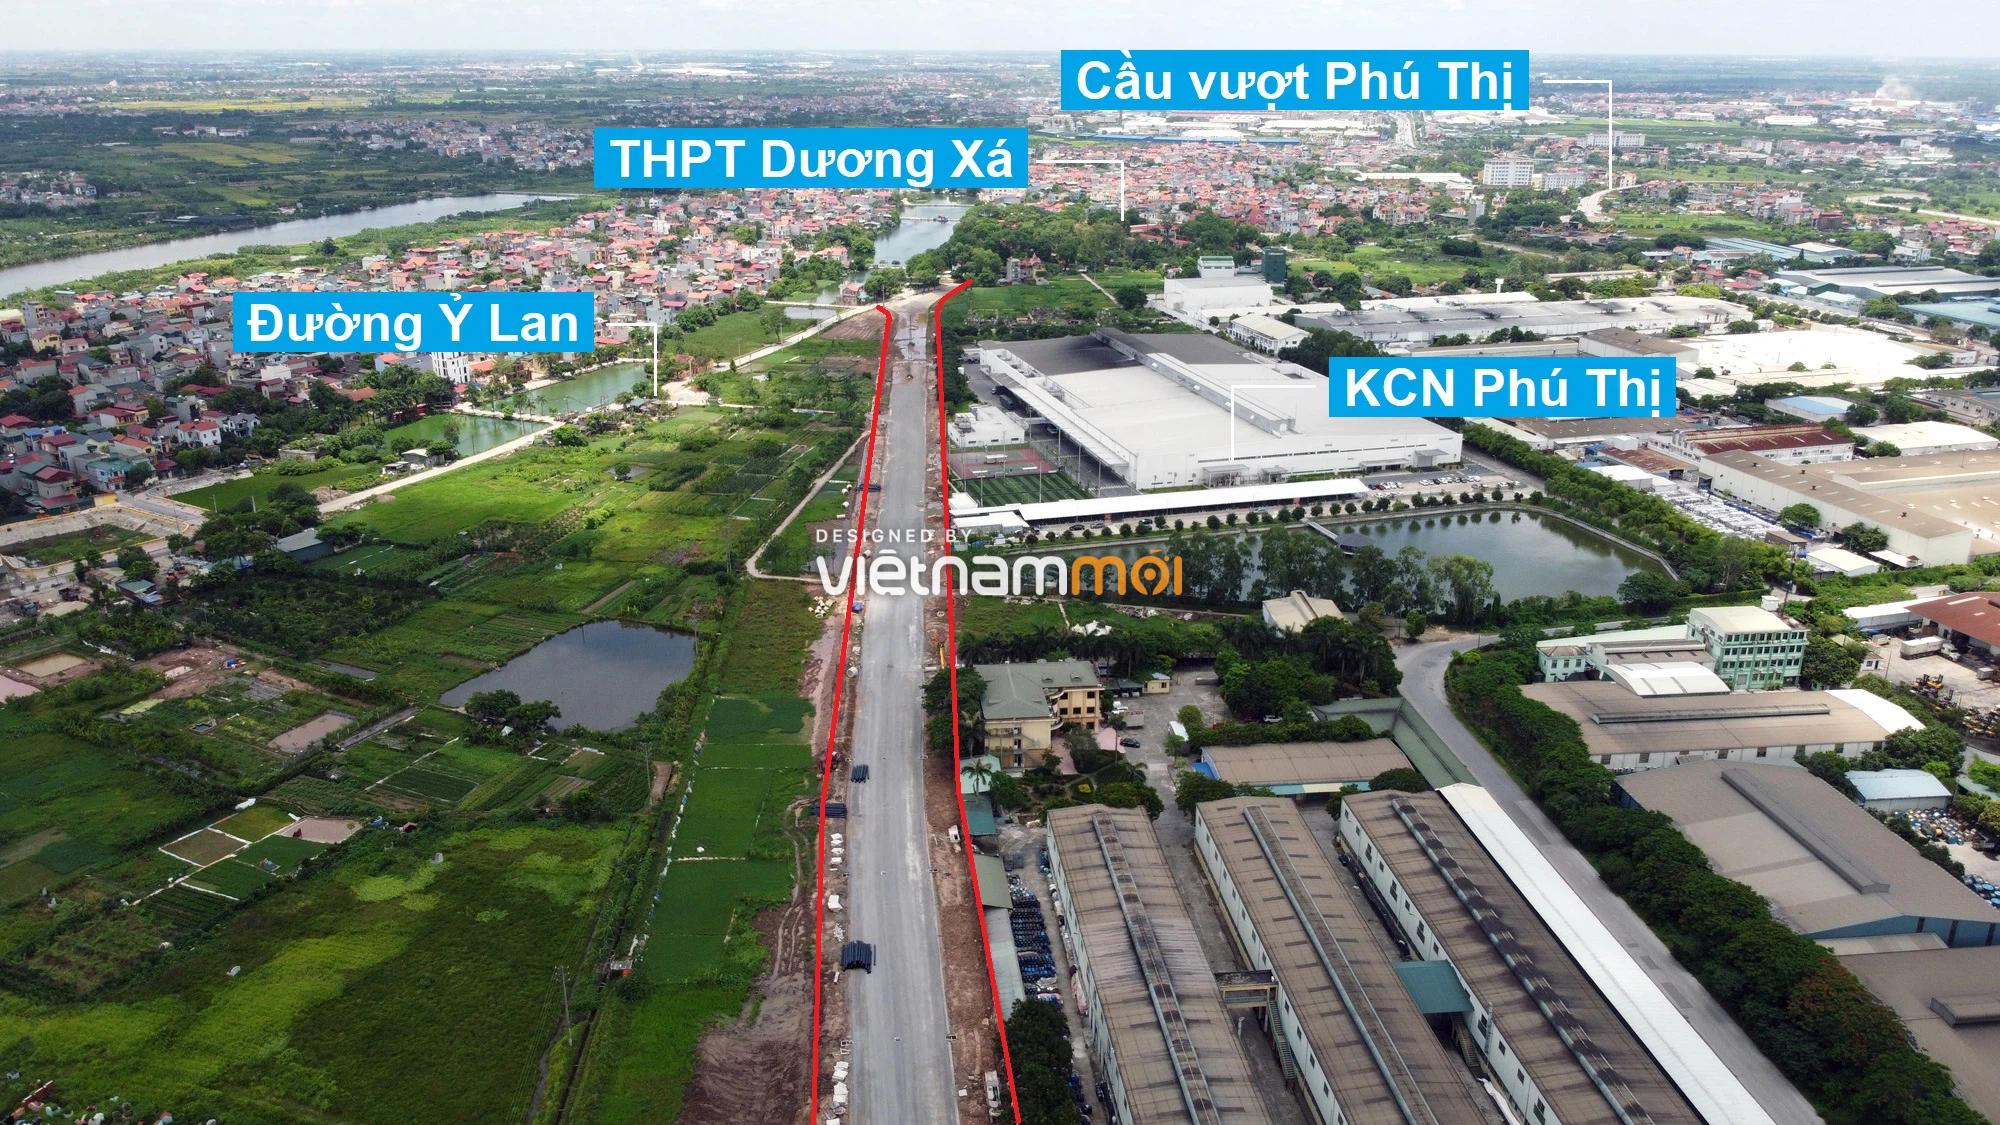 Toàn cảnh tuyến đường từ KĐT Đặng Xá đến Ỷ Lan đang mở theo quy hoạch ở Hà Nội - Ảnh 4.